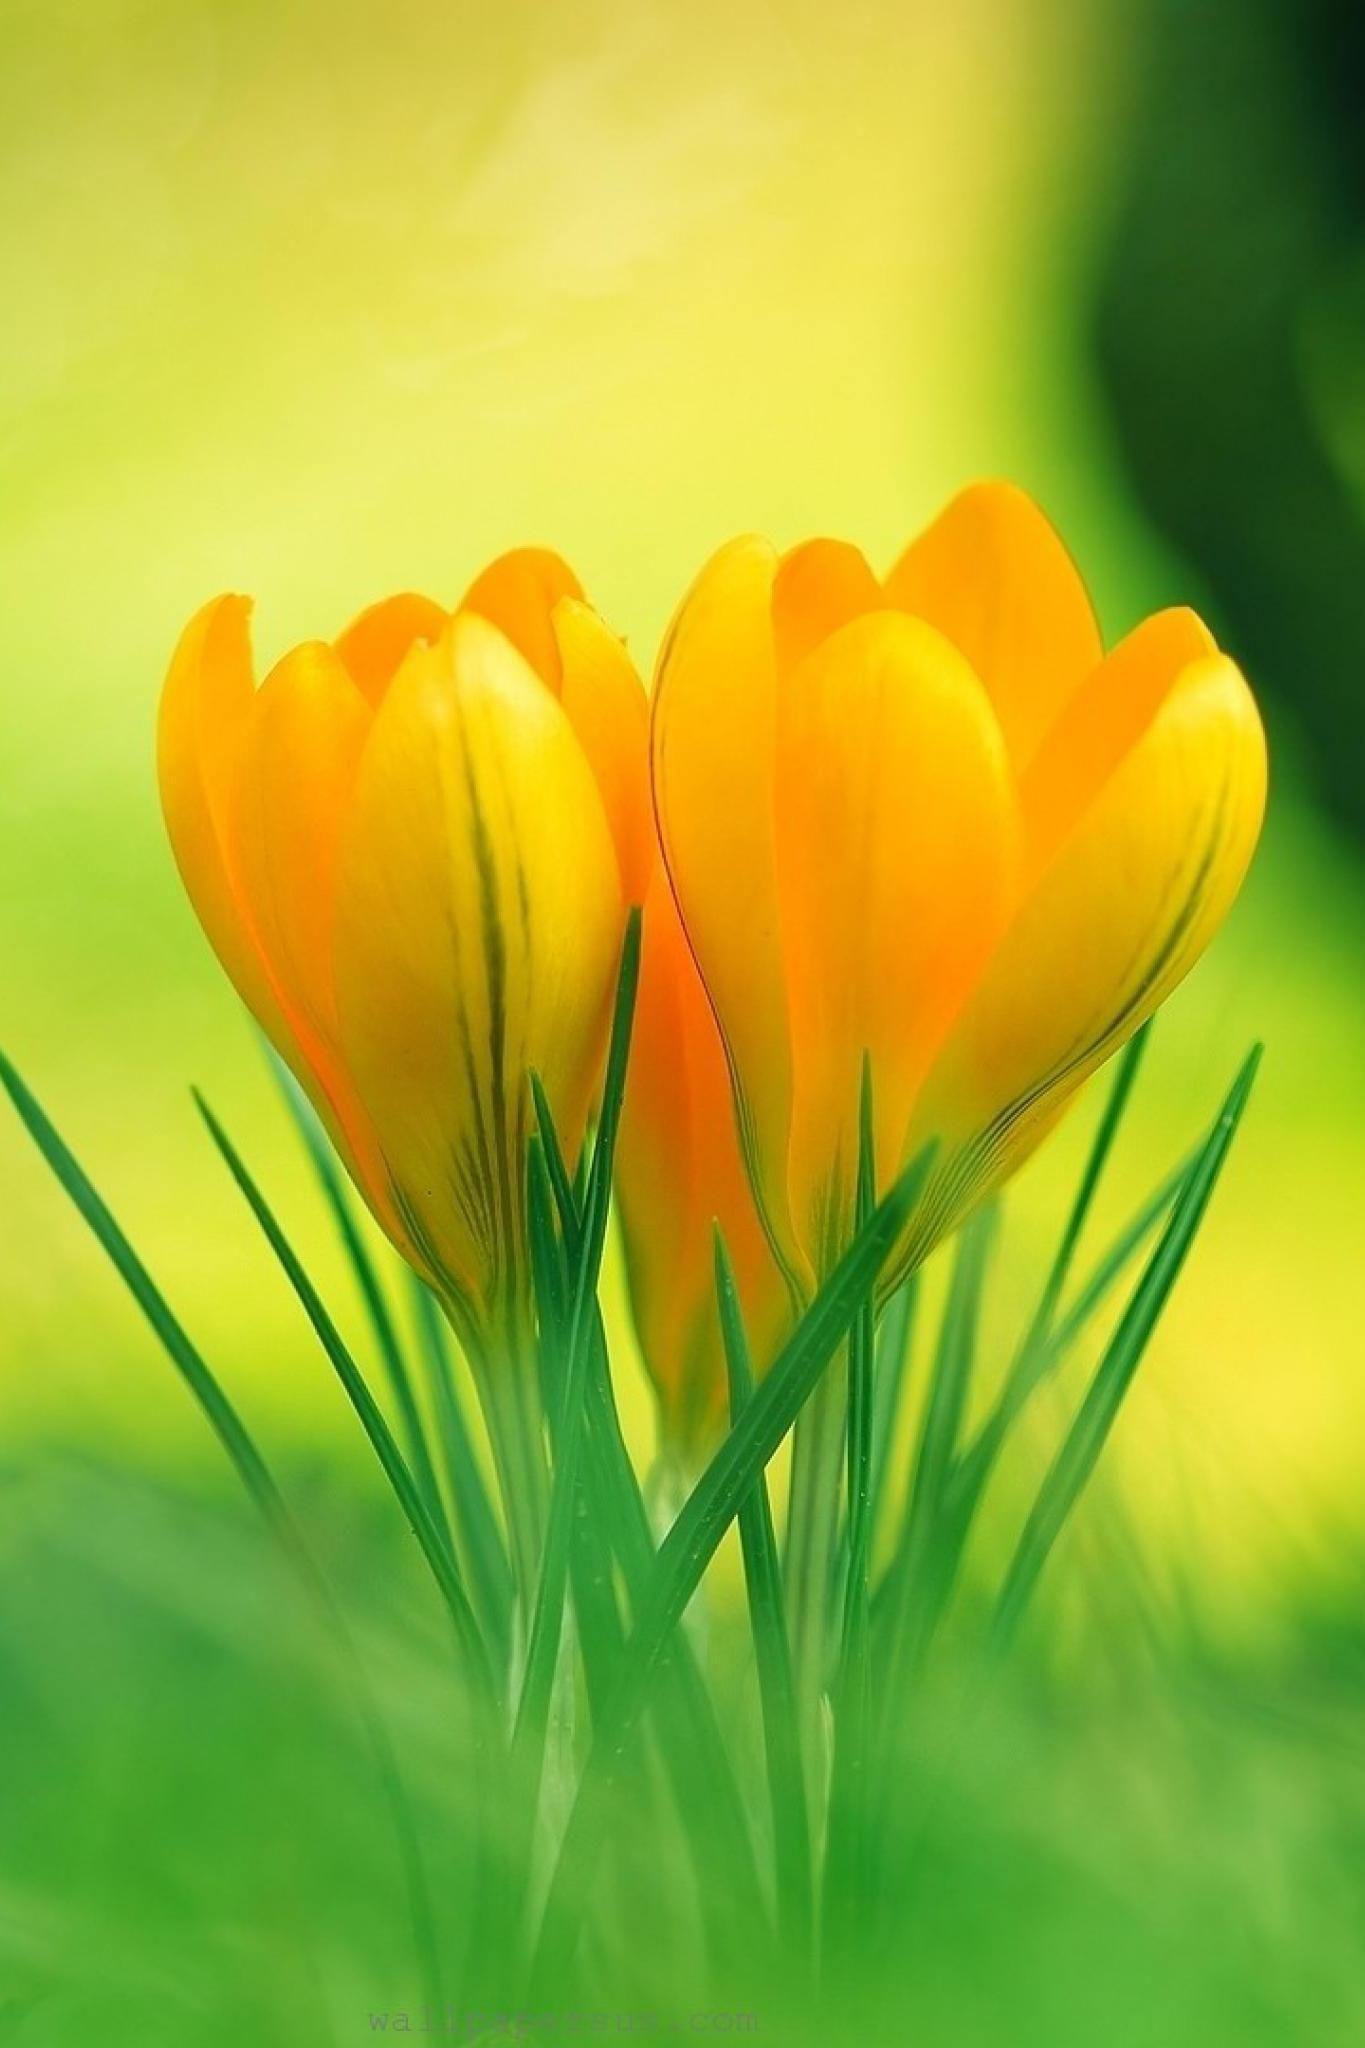 HD Wallpaper Yellow Flower Crocus flower, Yellow crocus